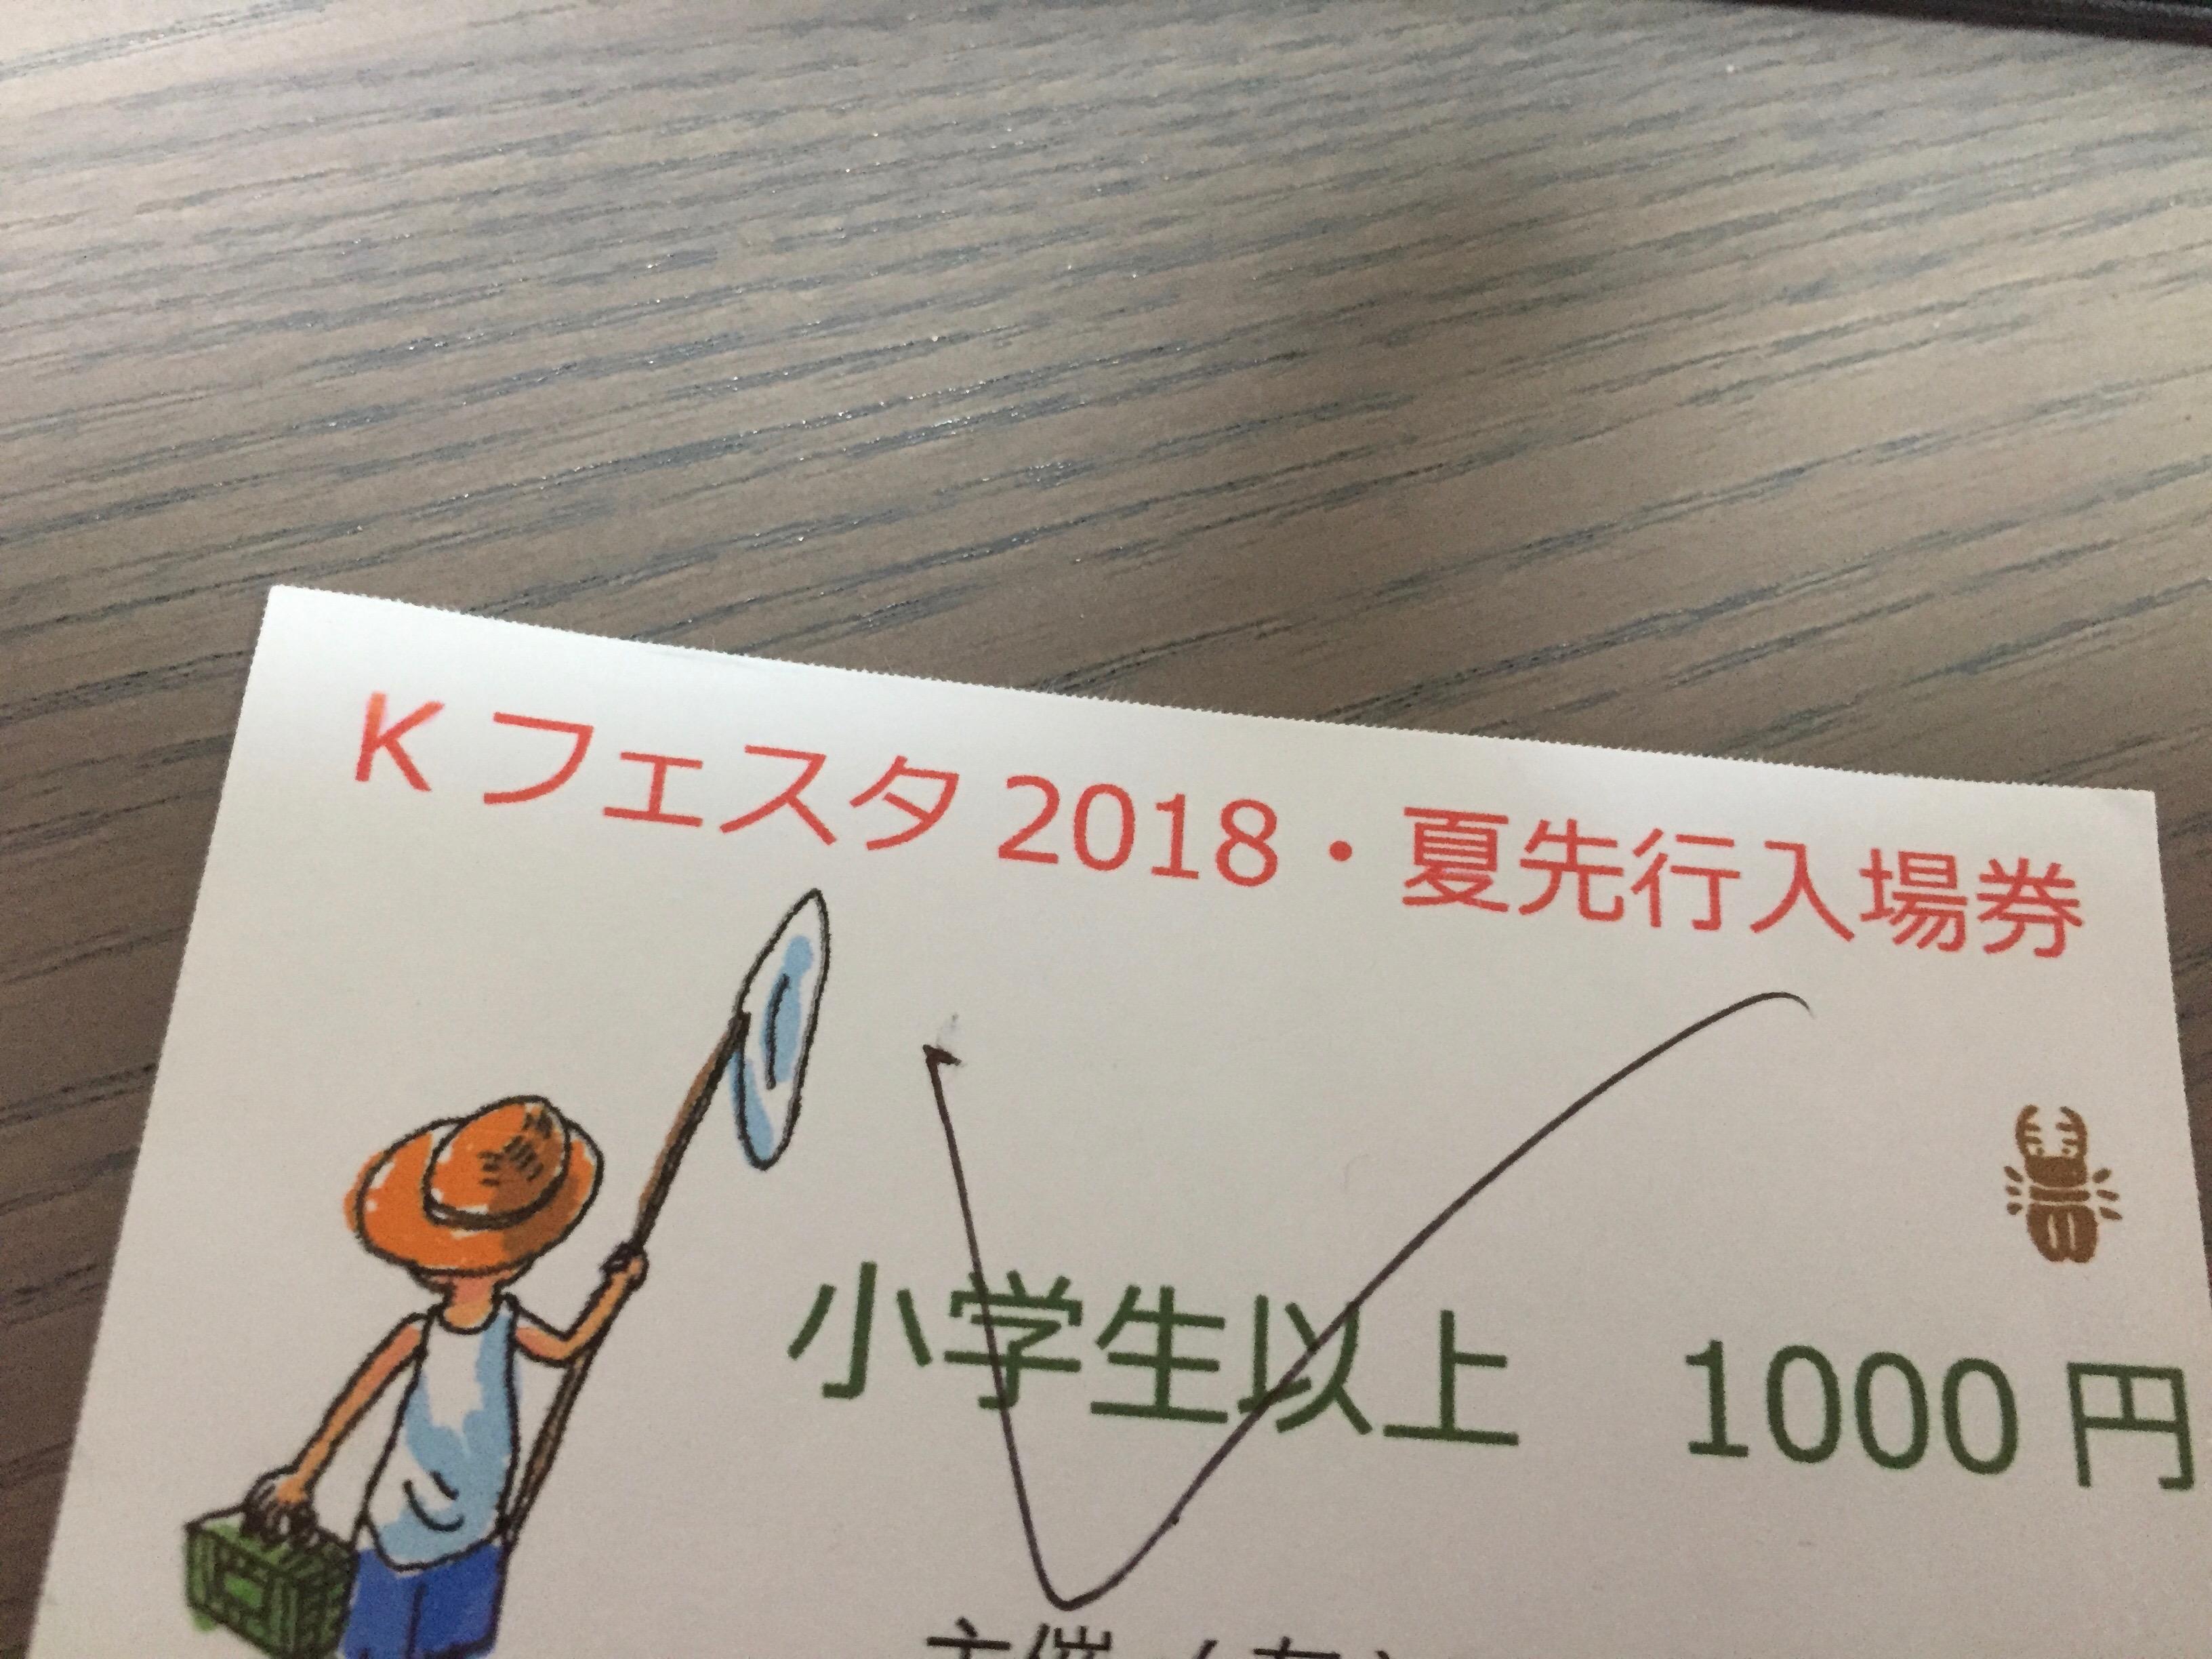 2018夏-横浜KUWATA参戦してきたので、楽しみ方を紹介します!